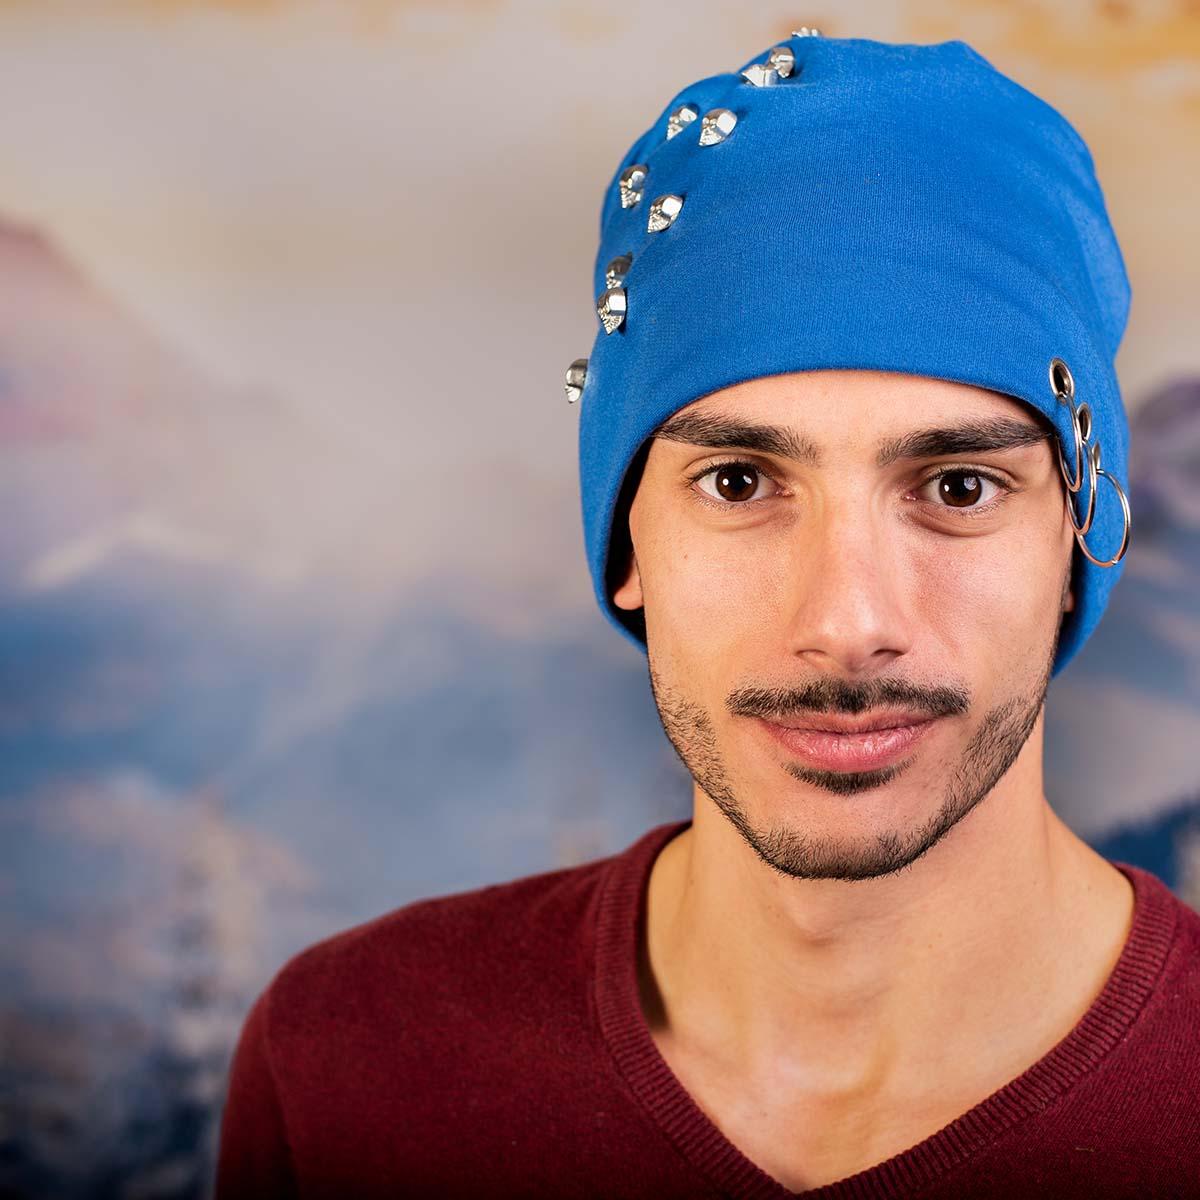 Скейтърска Шапка Виснала Синя